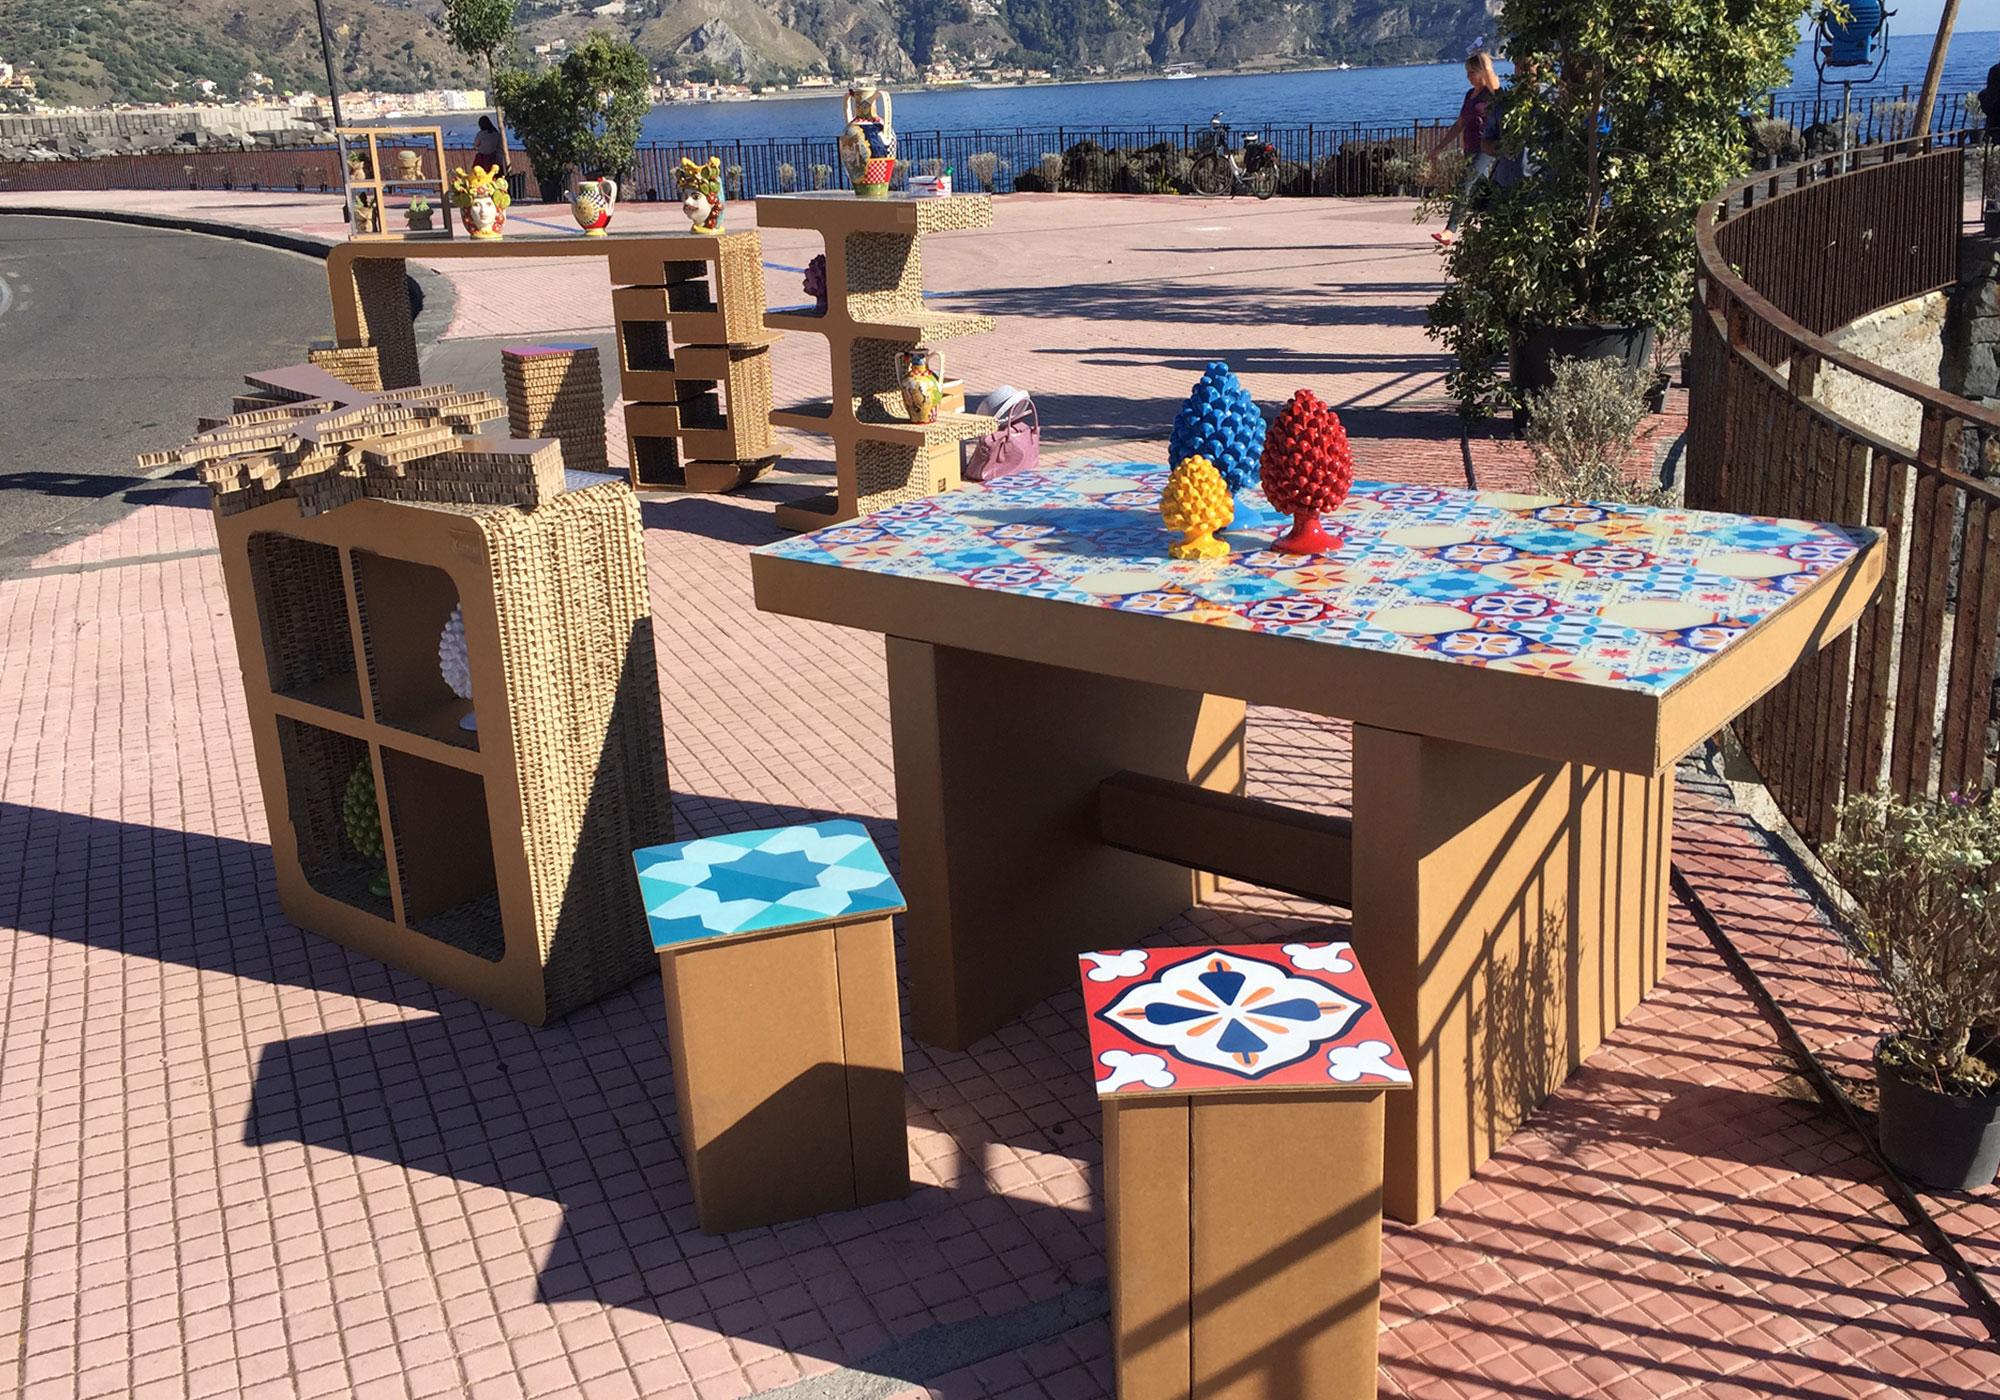 Kattuni arredi in cartone mobili arredamenti design in for Arredi in cartone